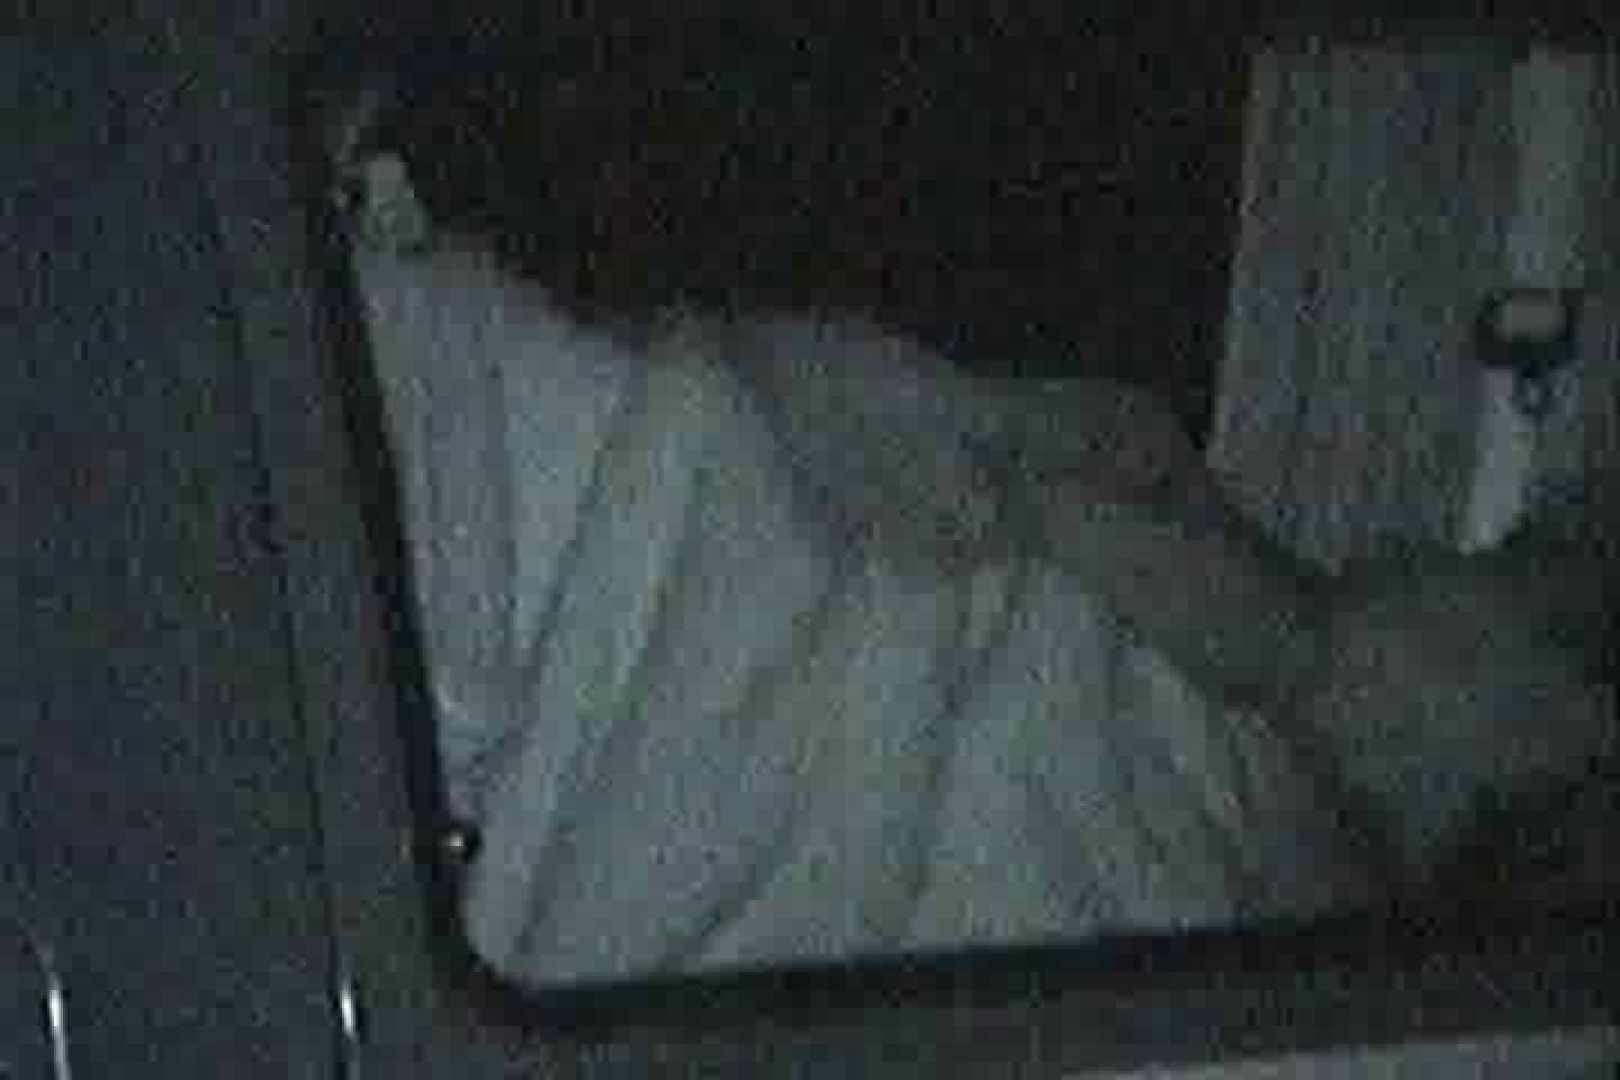 充血監督の深夜の運動会Vol.16 おまんこ オメコ動画キャプチャ 105画像 2